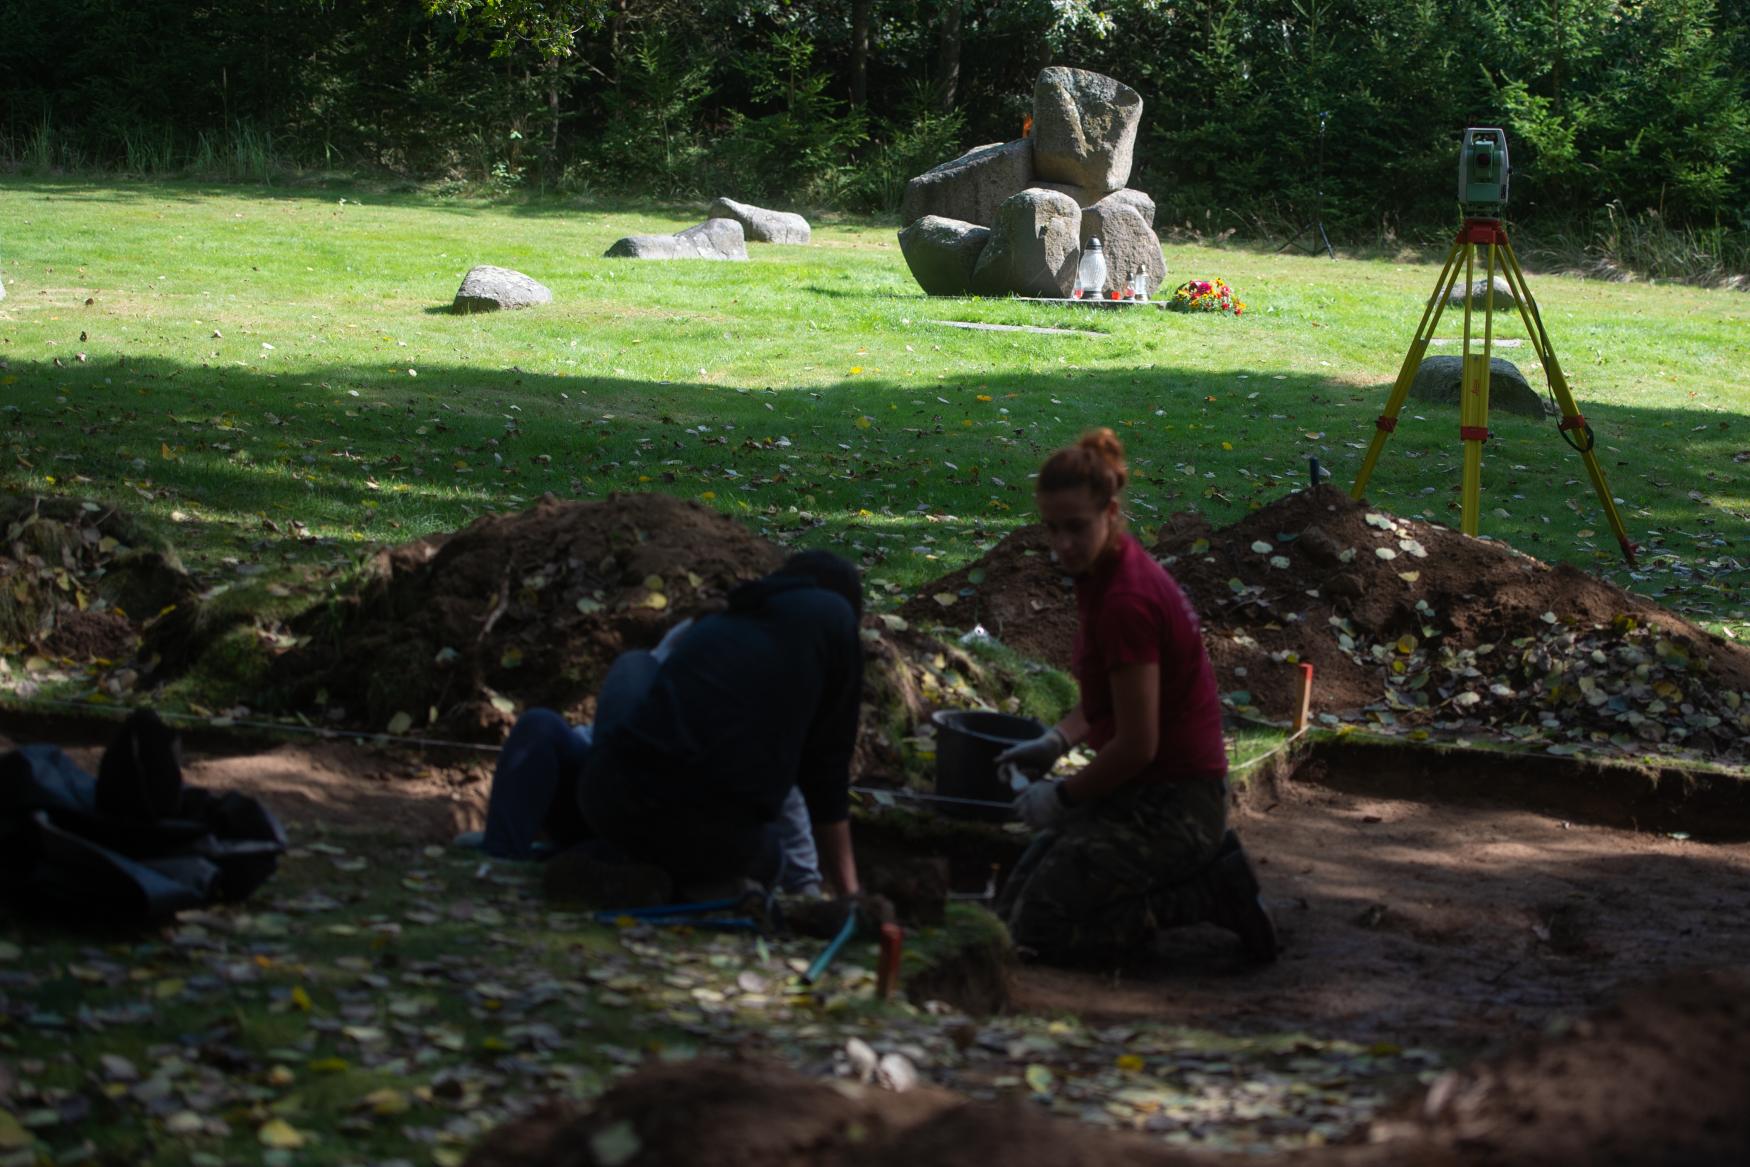 Les tombes individuelles de prisonniers roms à Lety u Písku, photo: ČTK / Václav Pancer